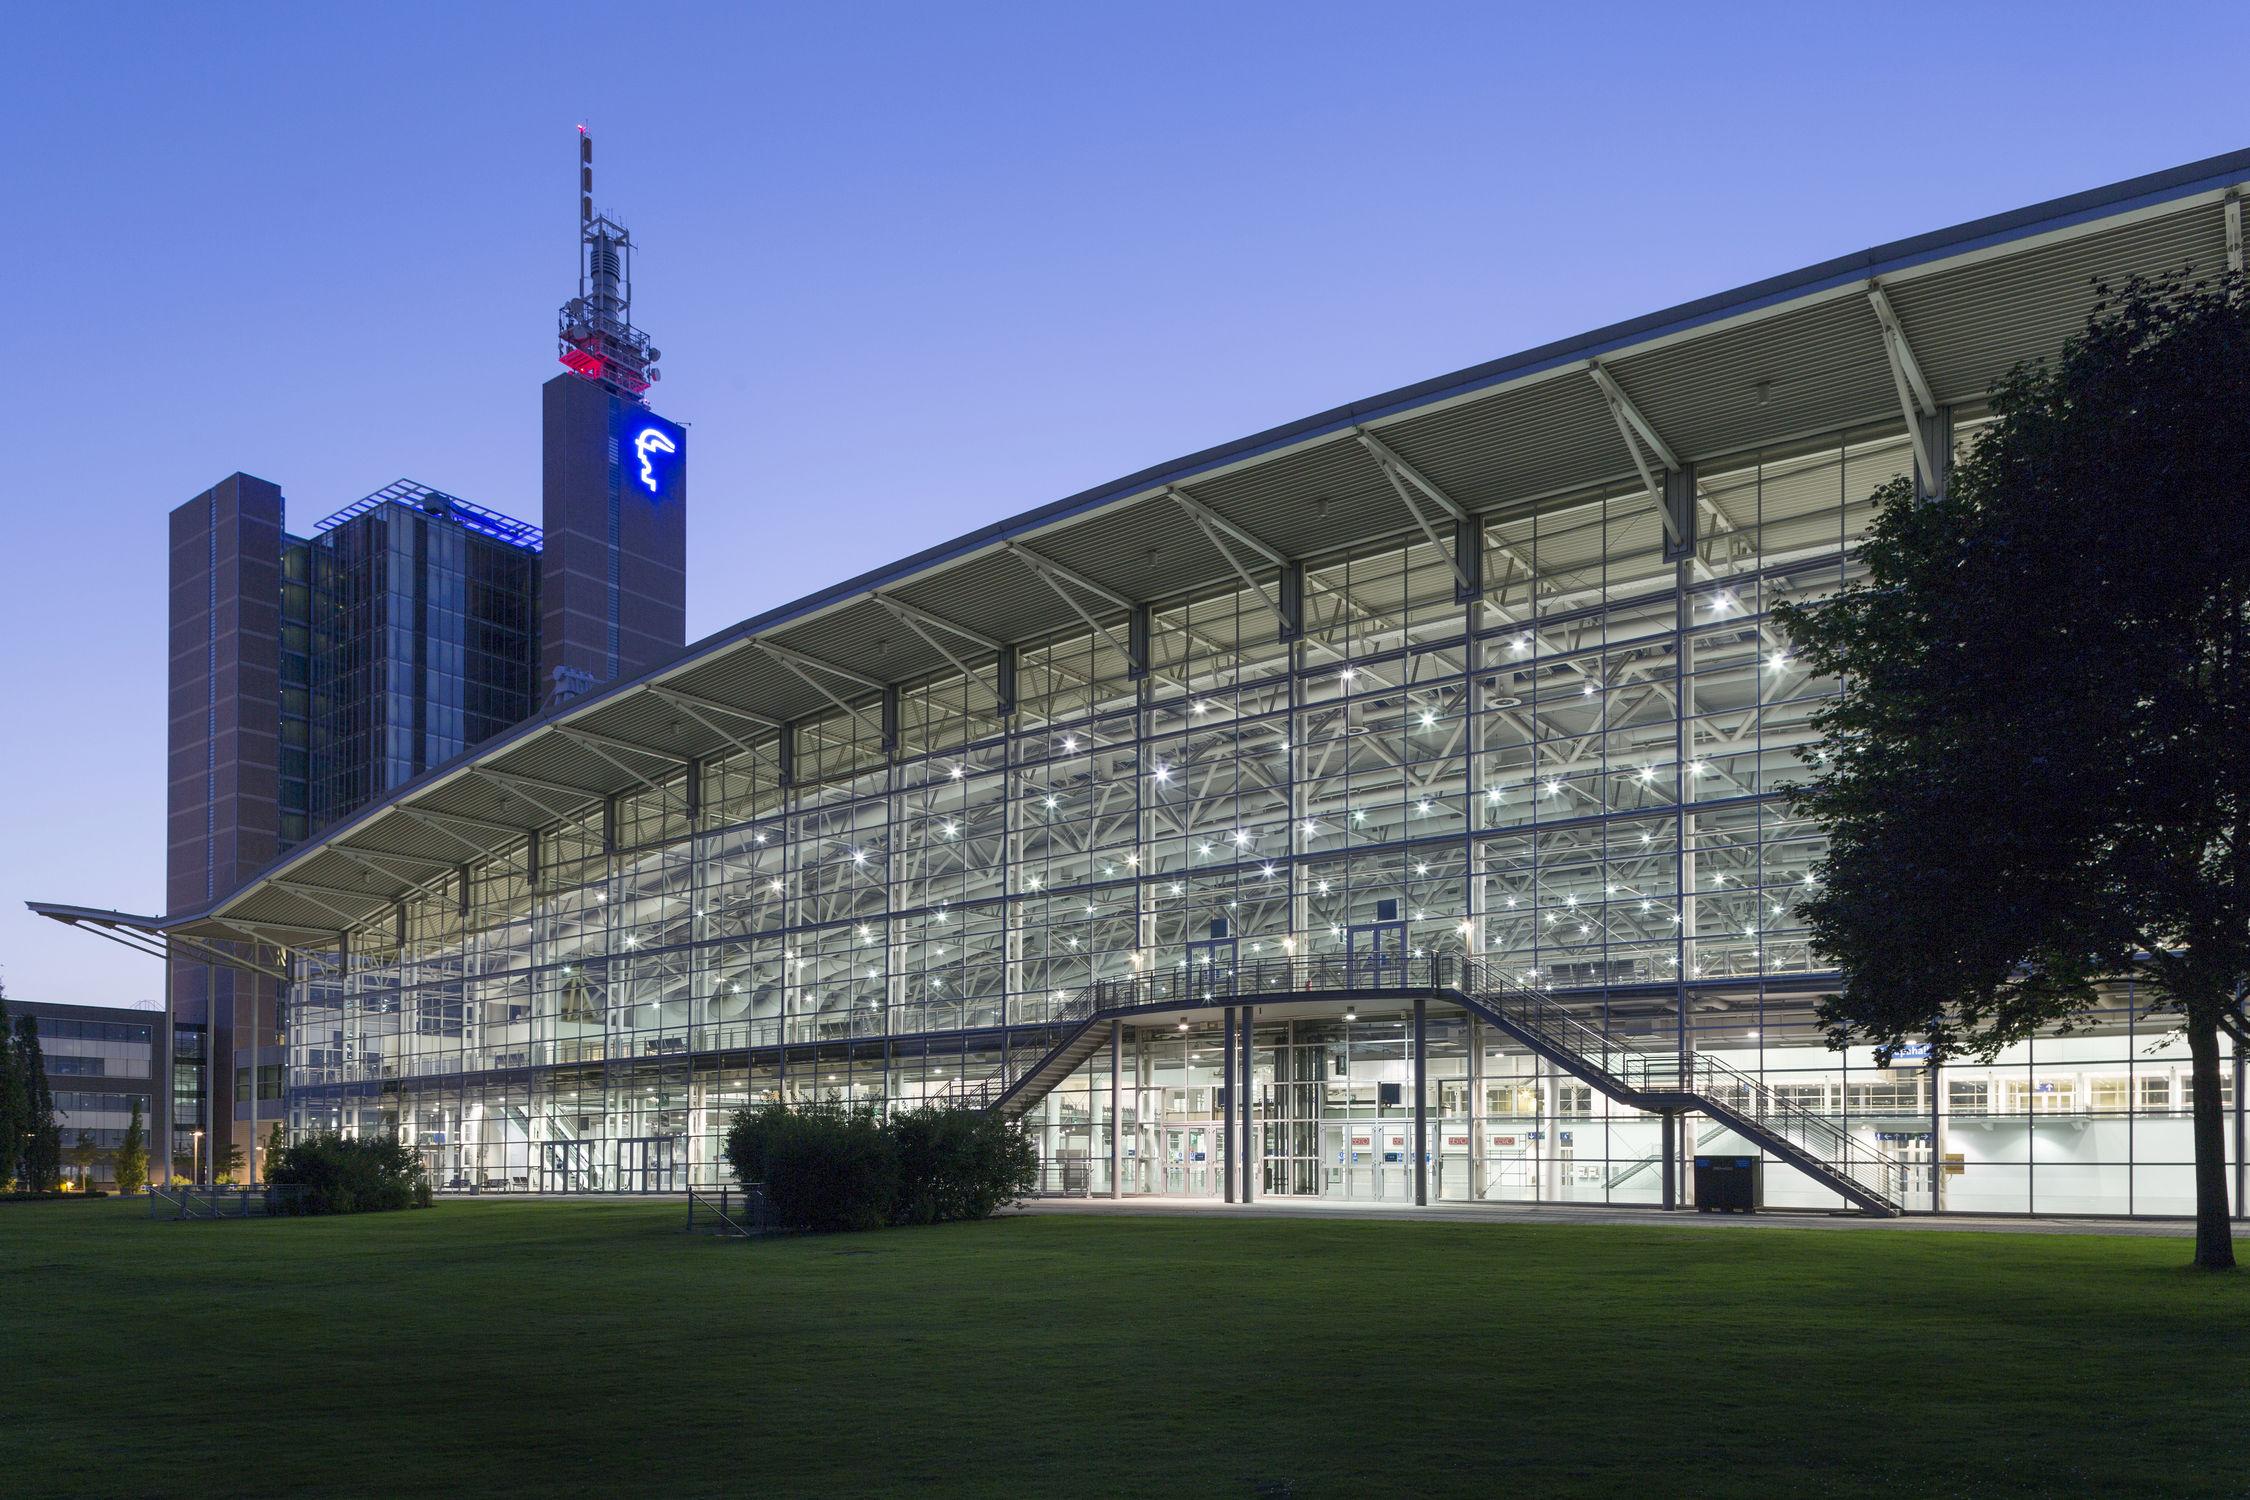 Messegelände in Hannover wird zum 5G-Campus